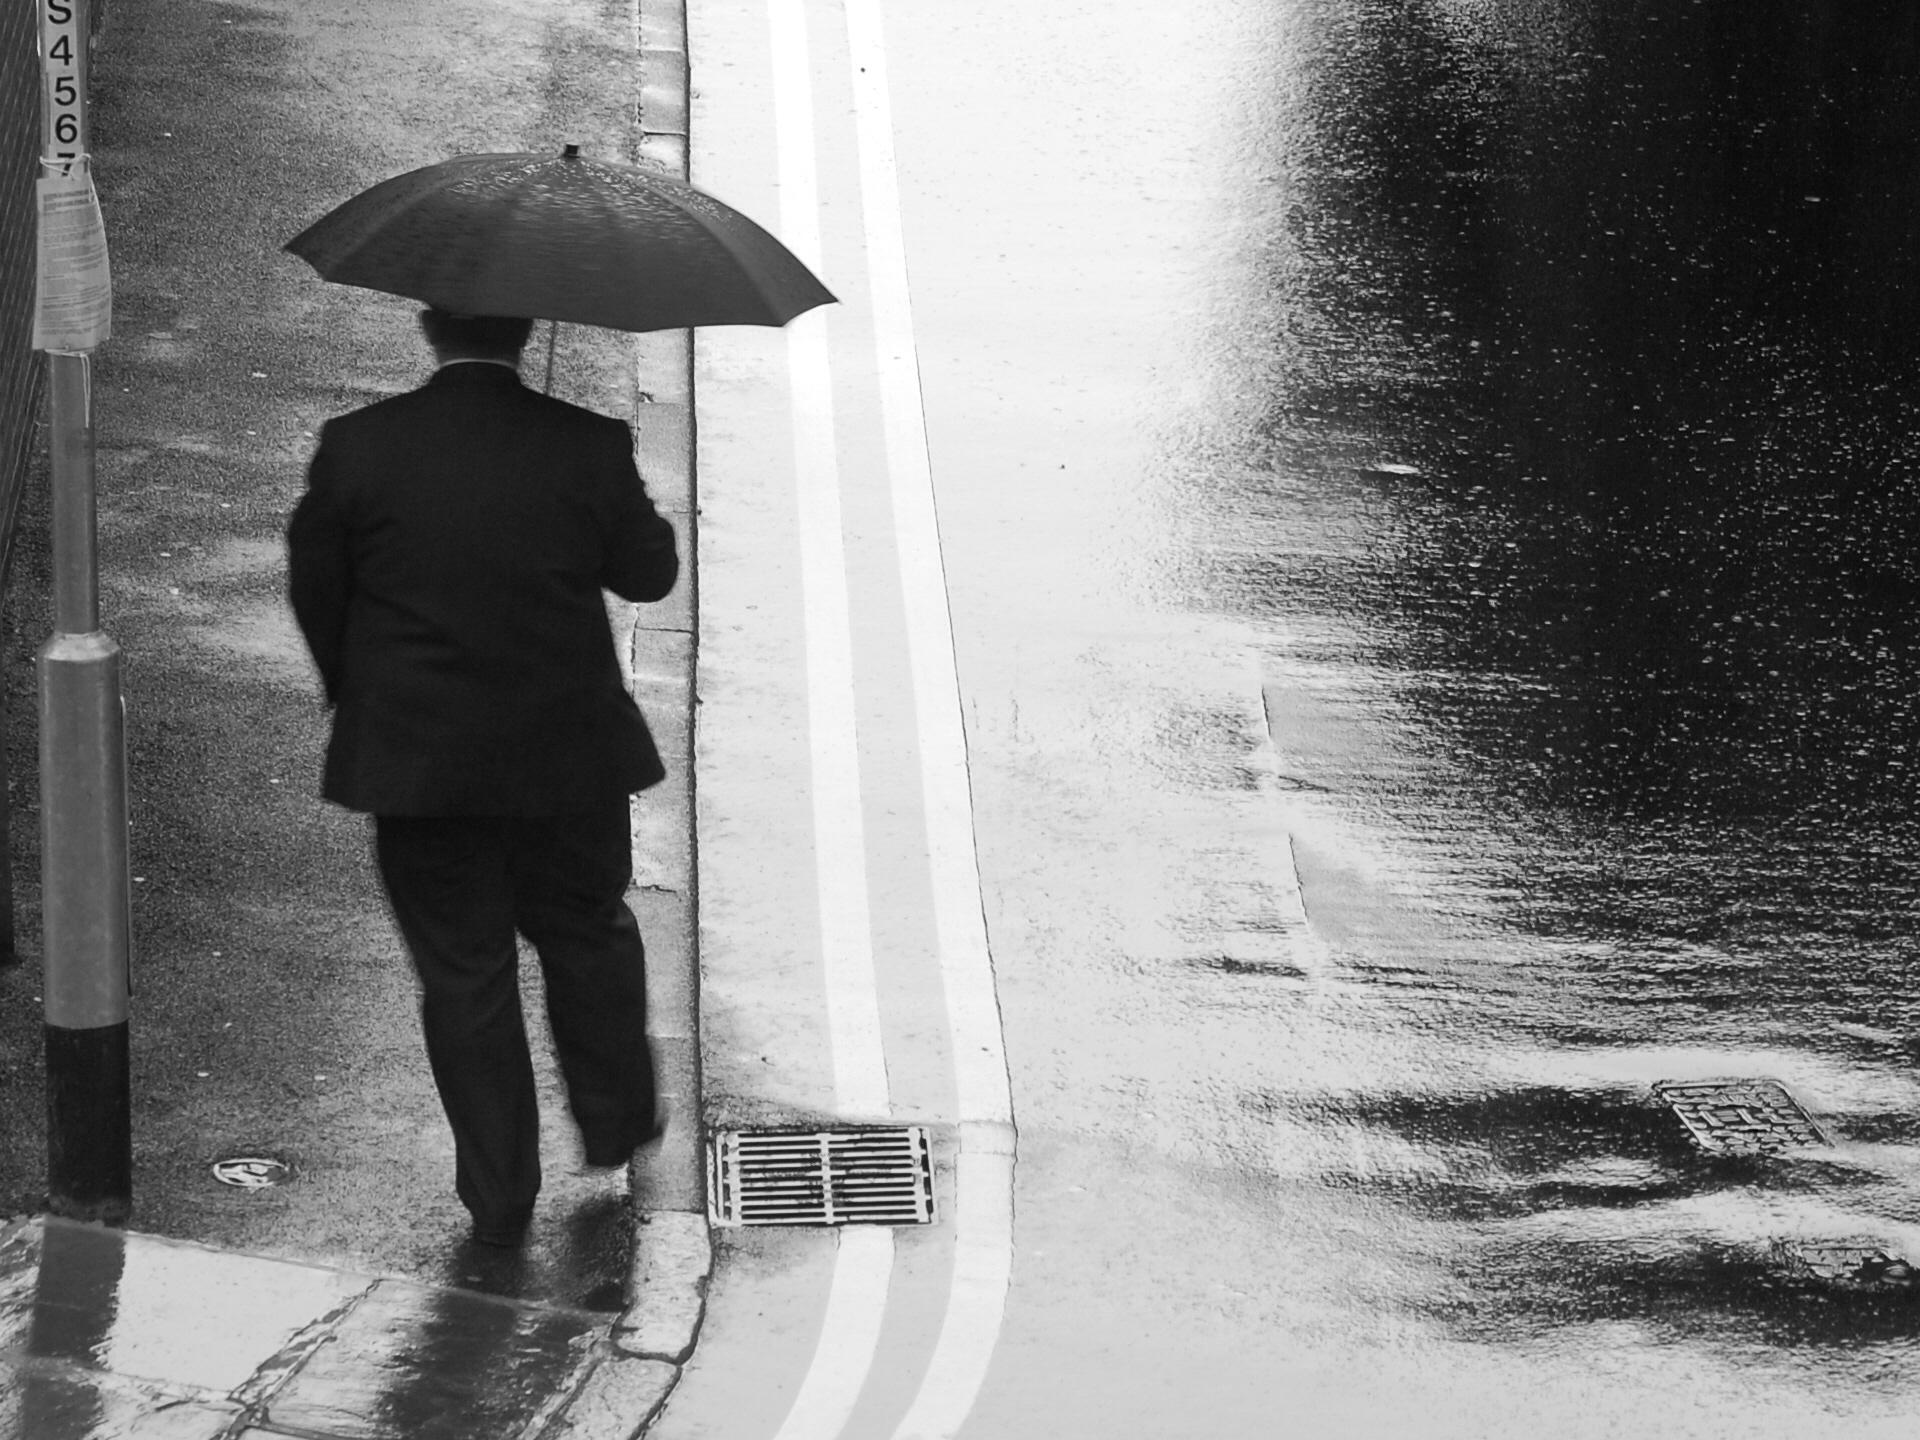 water black and white rain | Volvoab